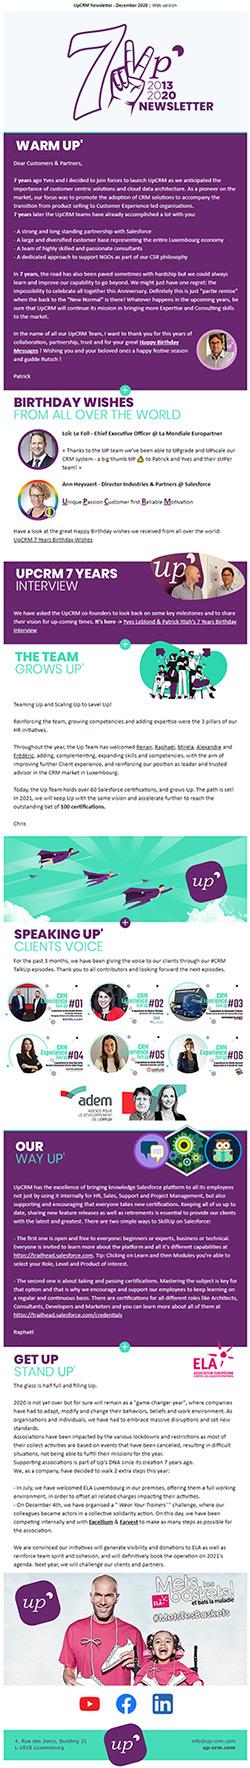 UpCRM Newsletter